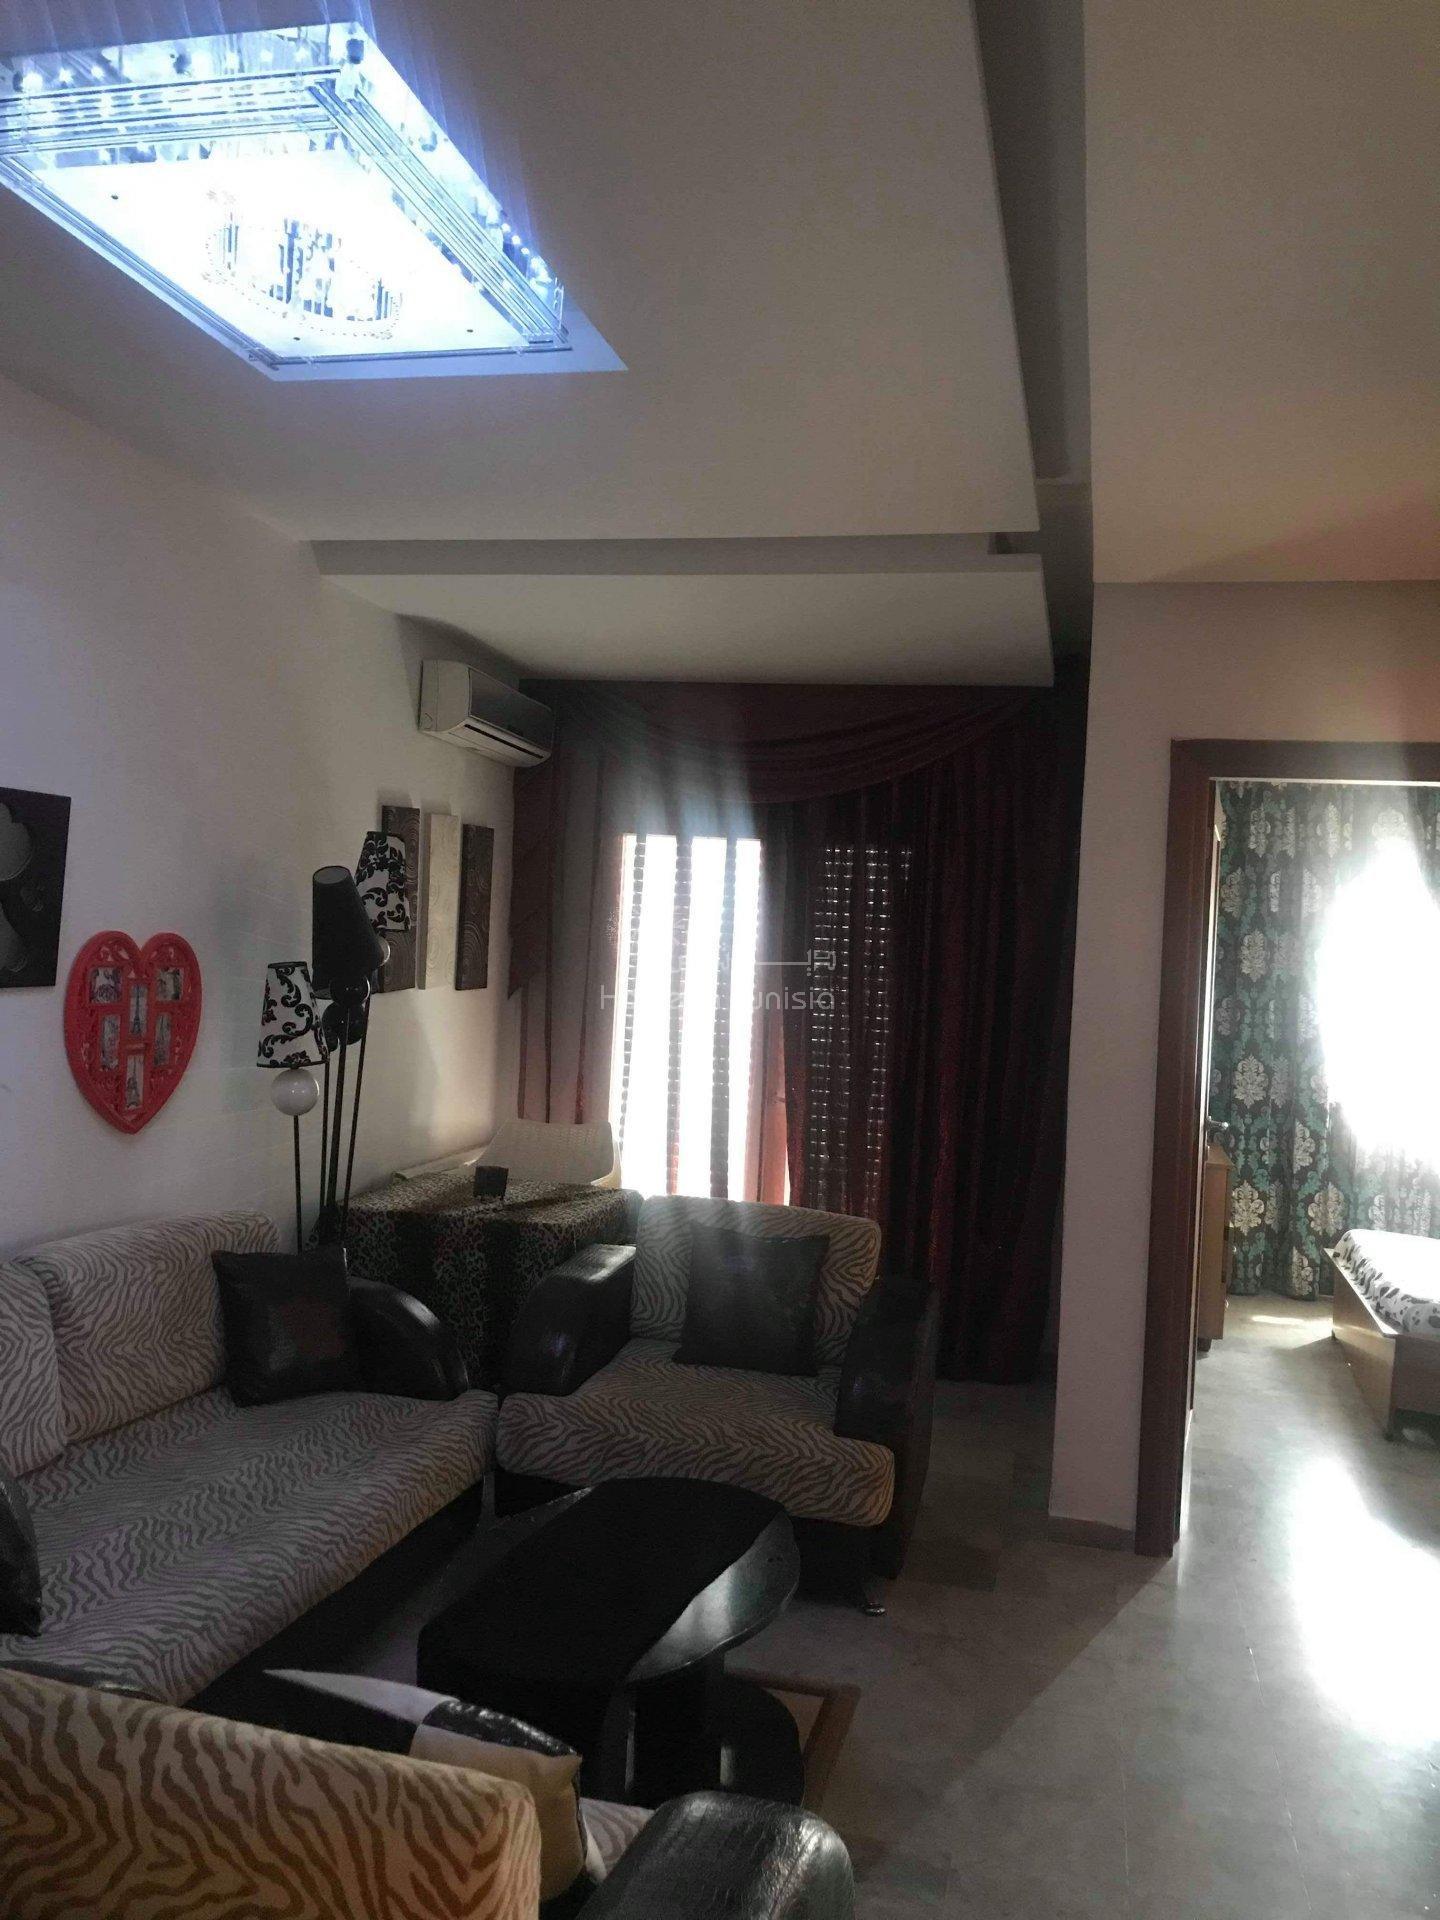 Appartement à louer s+1 sur la route touristique